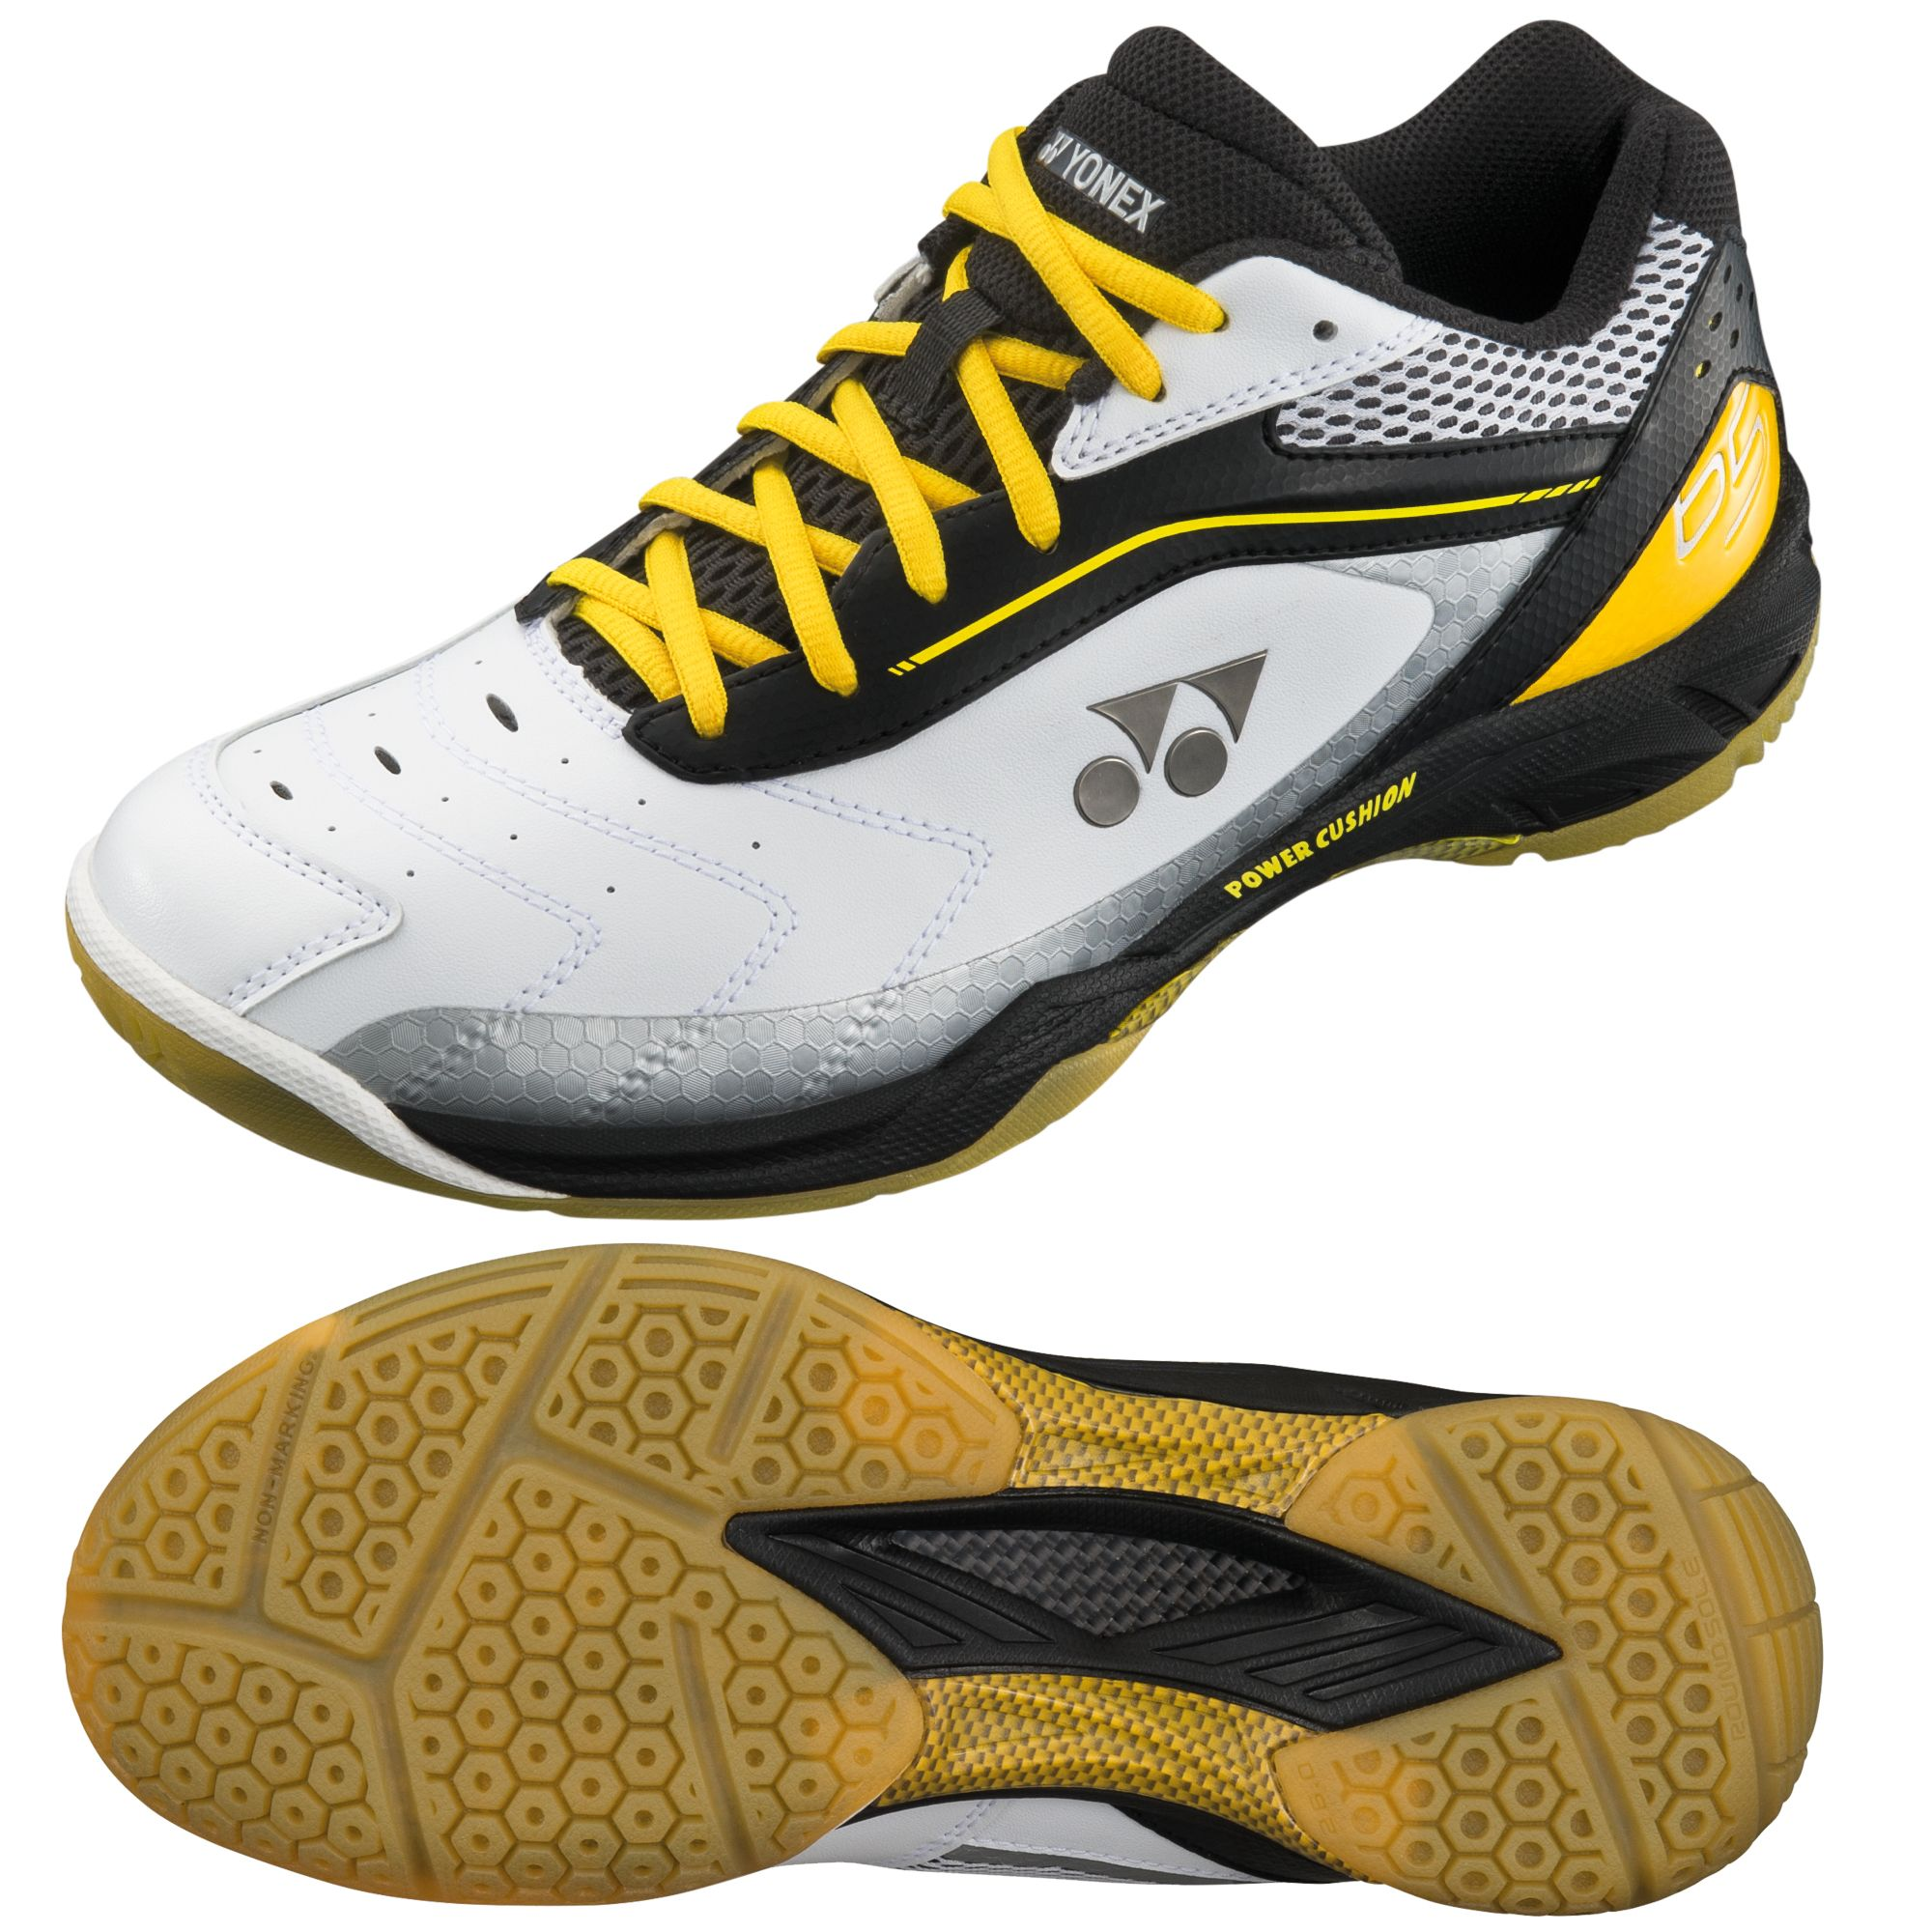 Yonex Shoes Sale